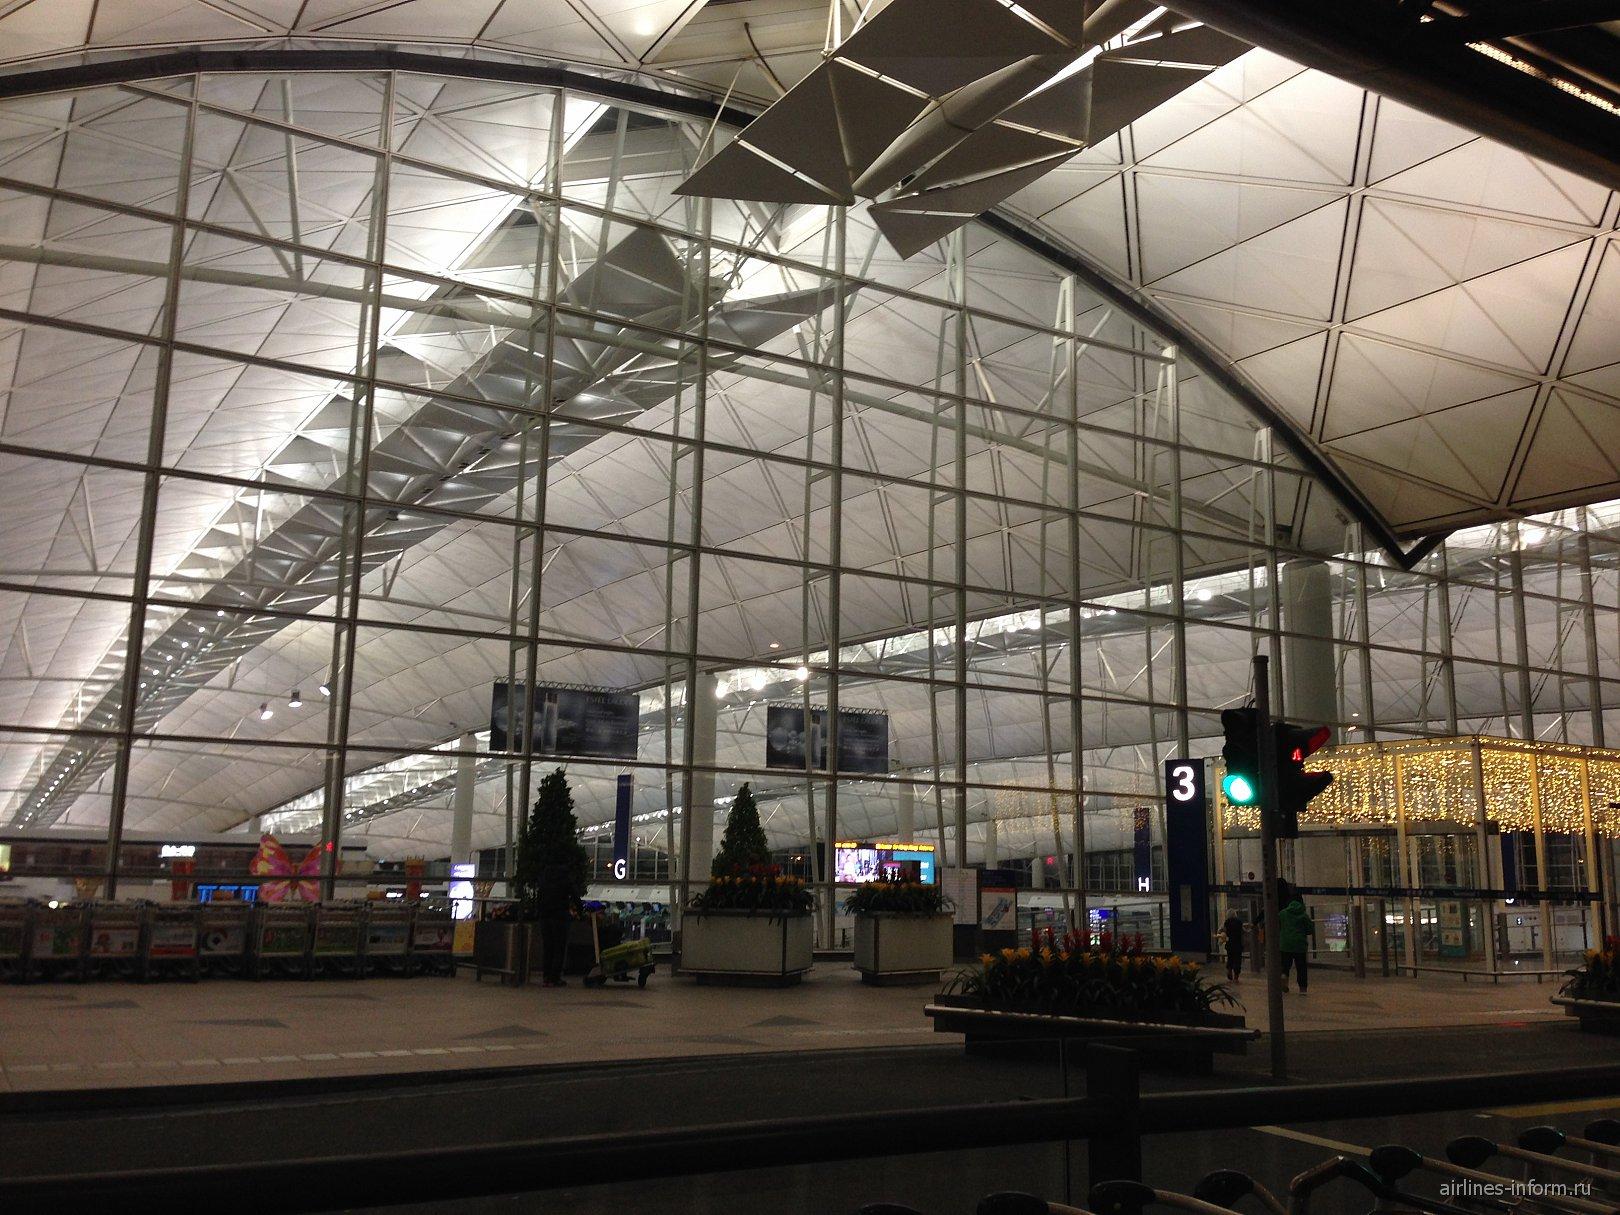 Вход в пассажирский терминал аэропорта Гонконга